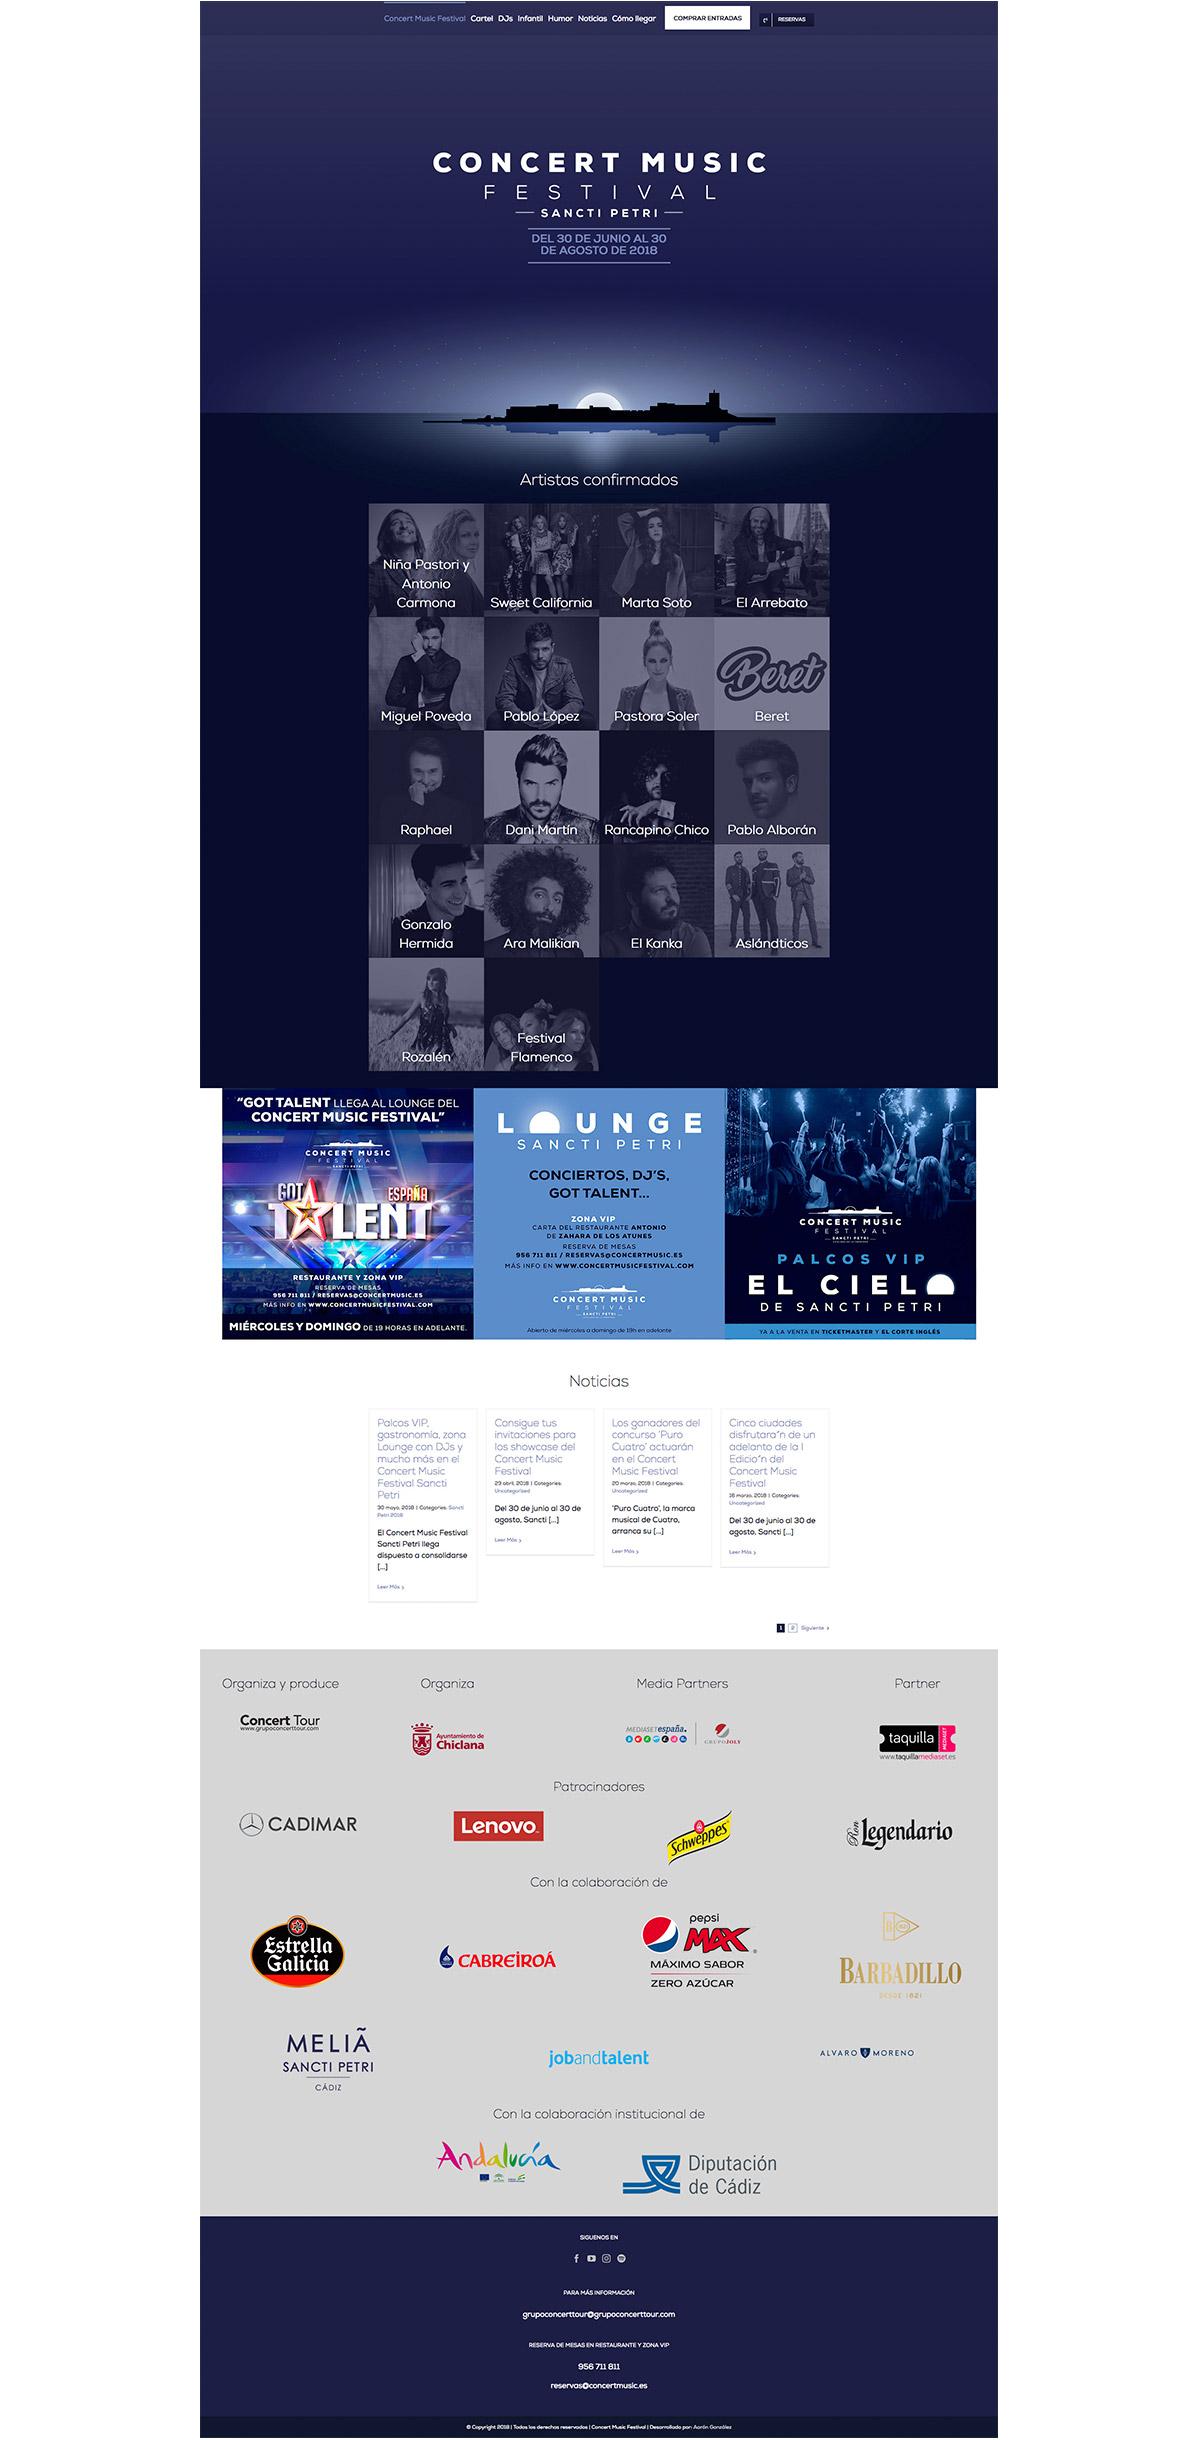 web de concert music festival